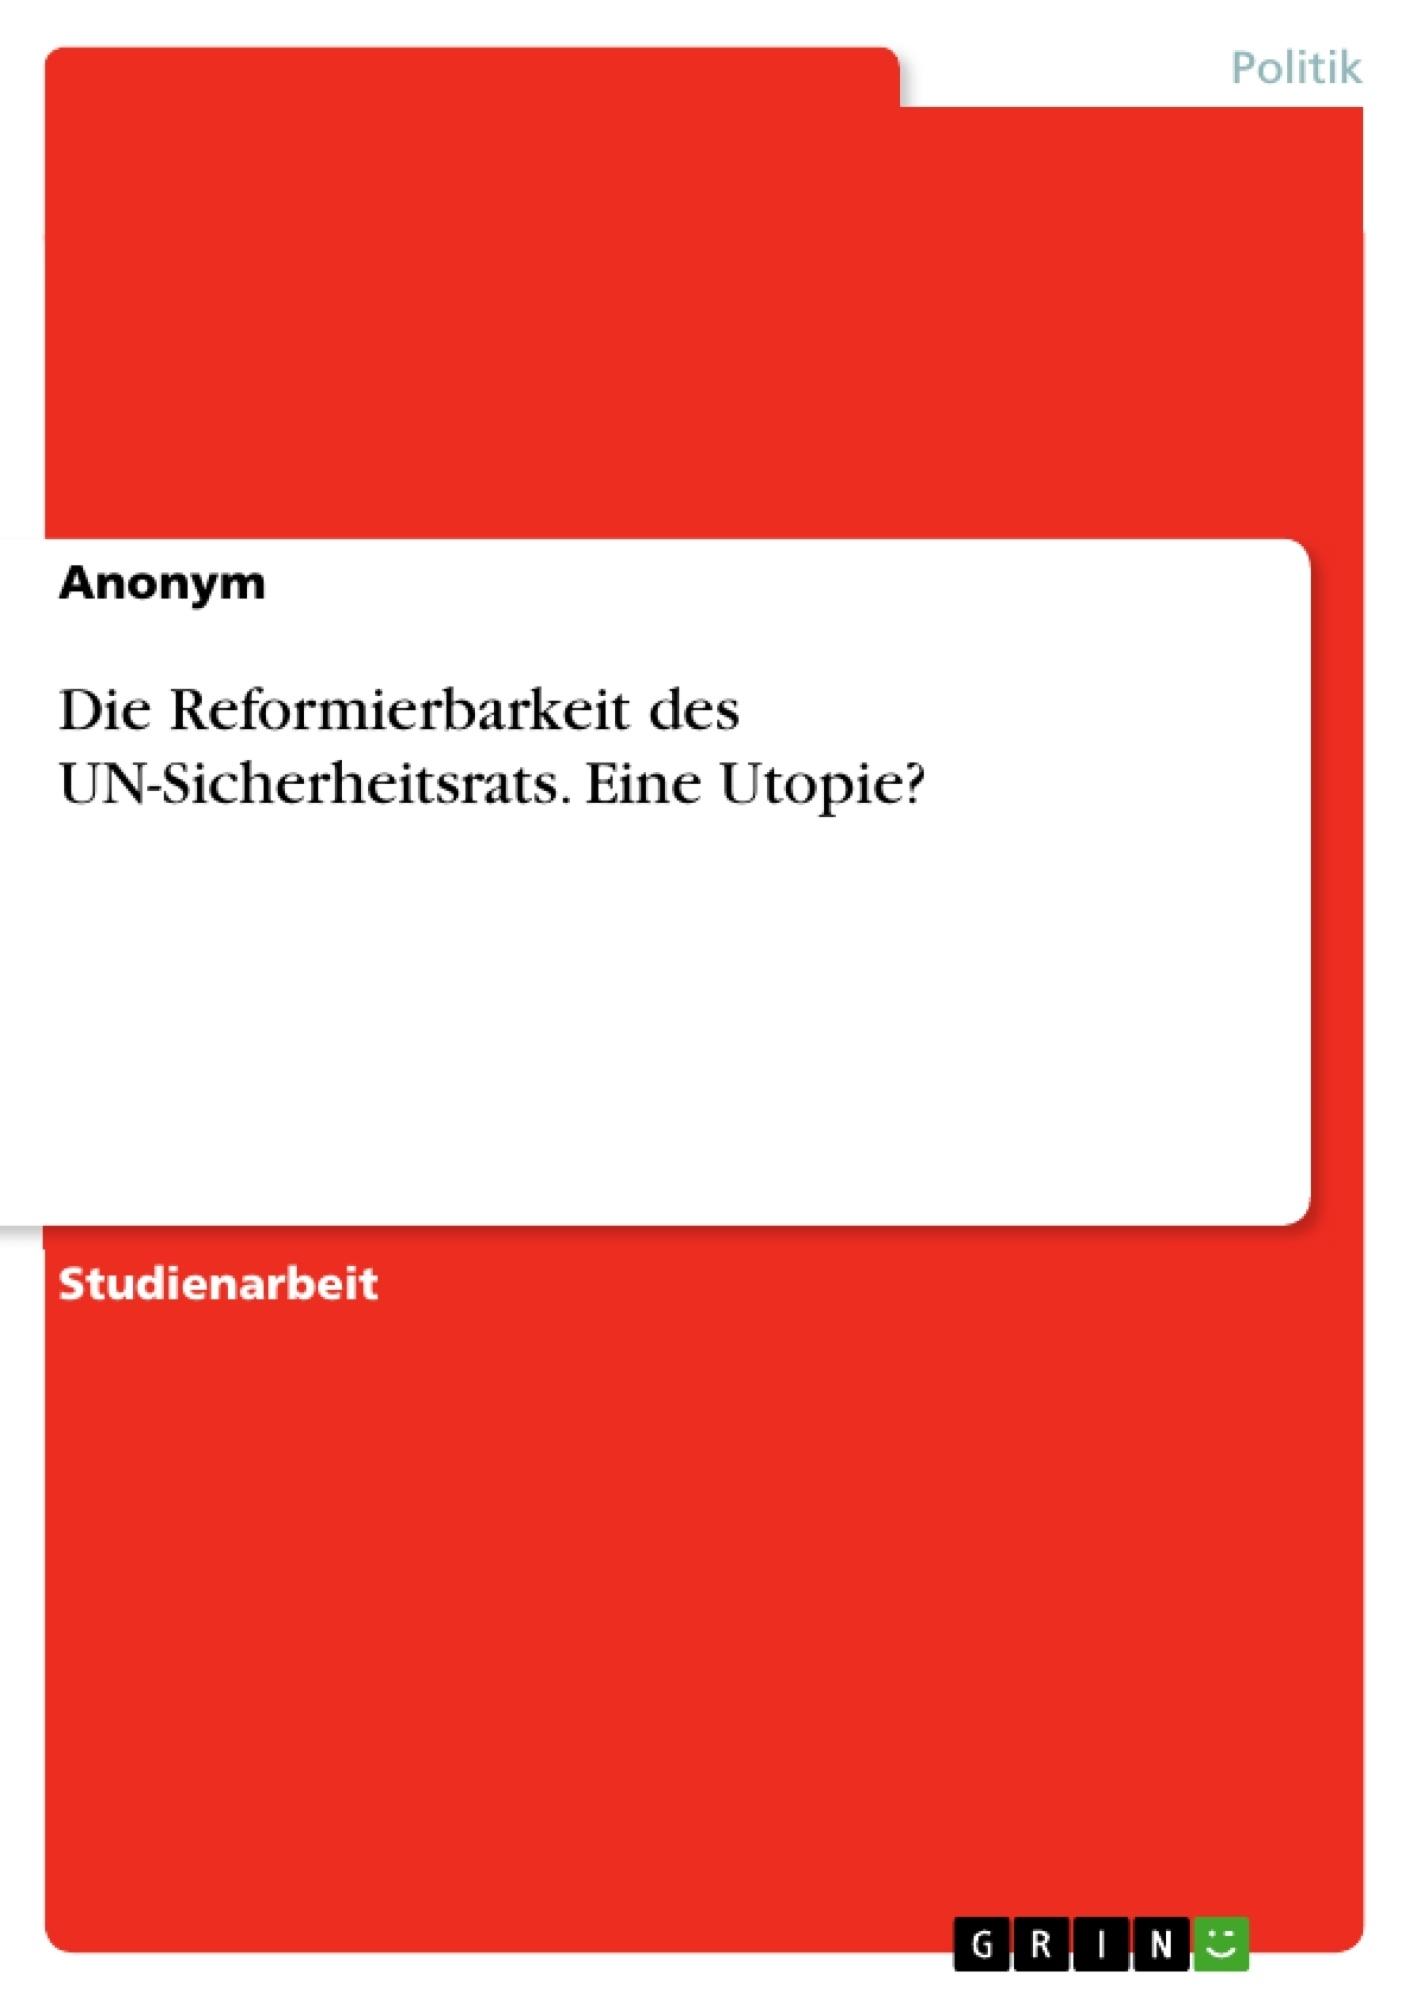 Titel: Die Reformierbarkeit des UN-Sicherheitsrats. Eine Utopie?